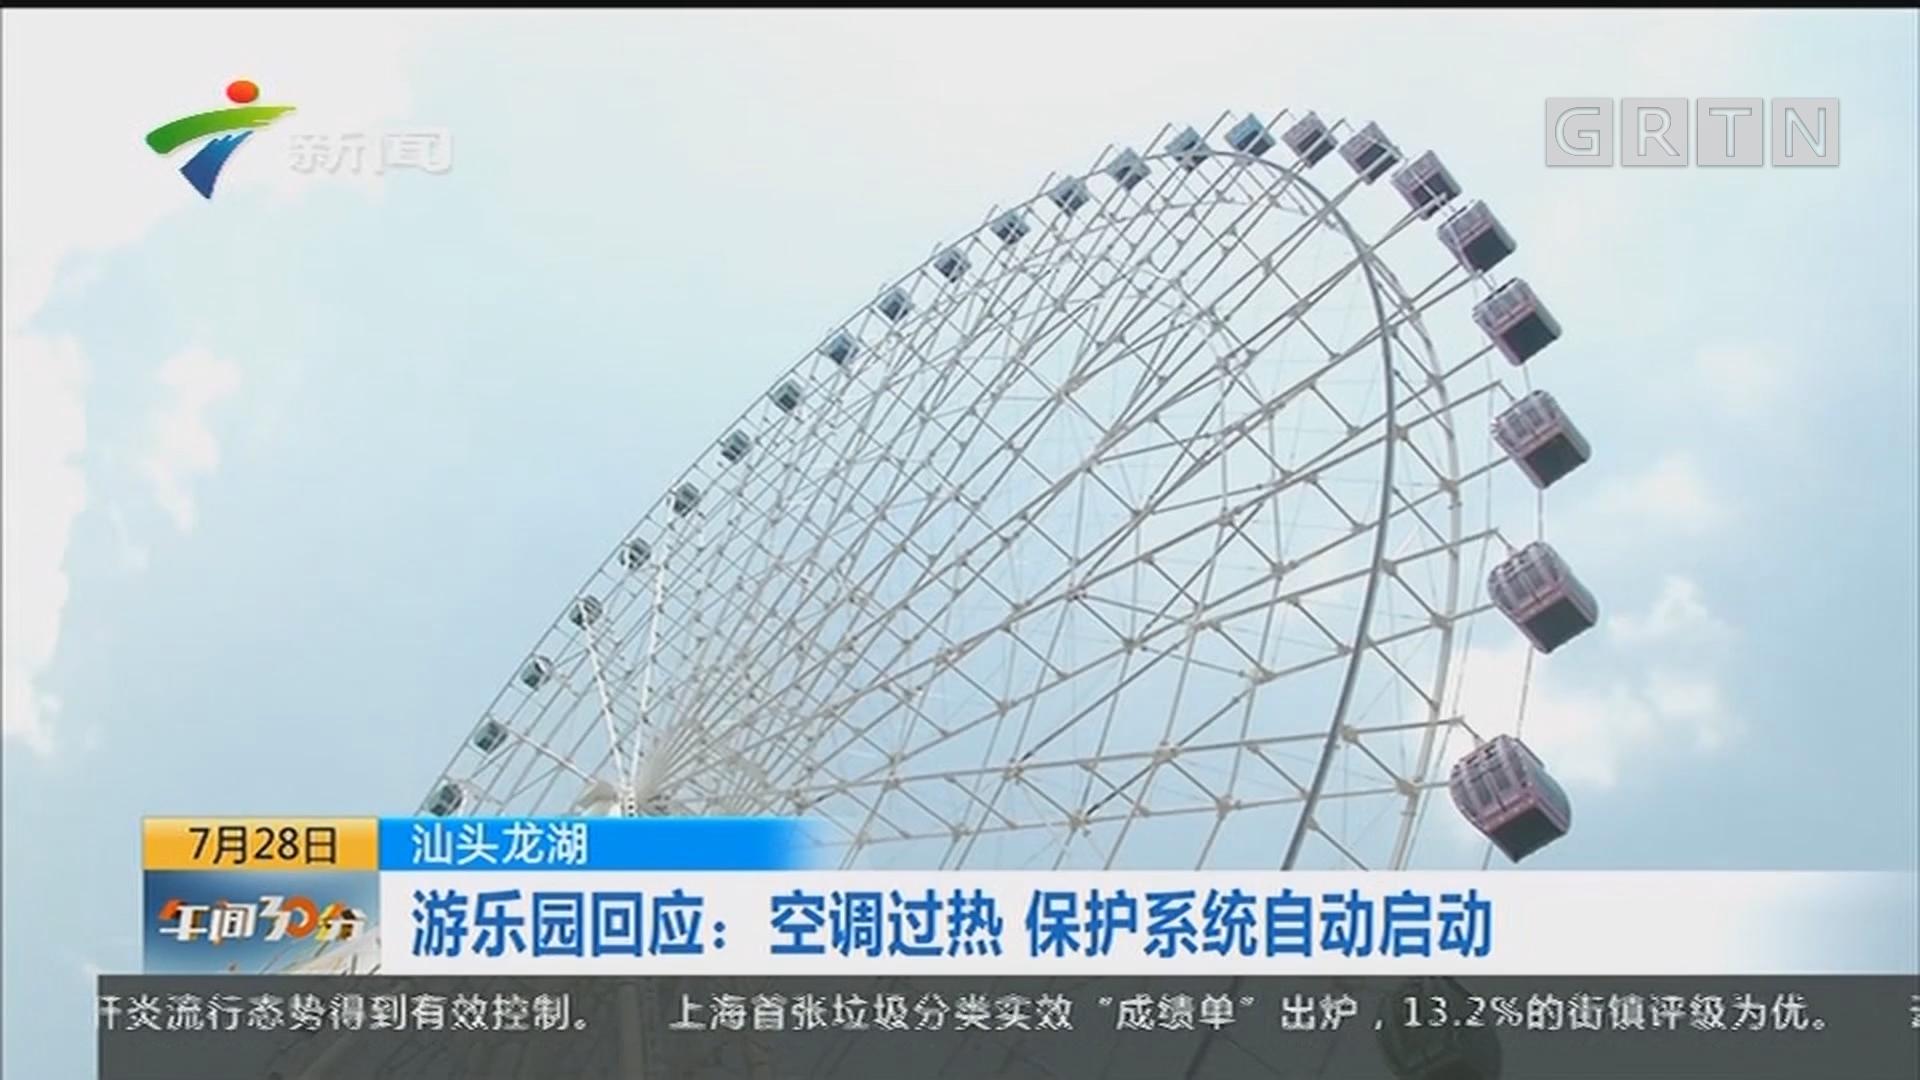 汕头龙湖:摩天轮故障 游客滞留空中6分钟